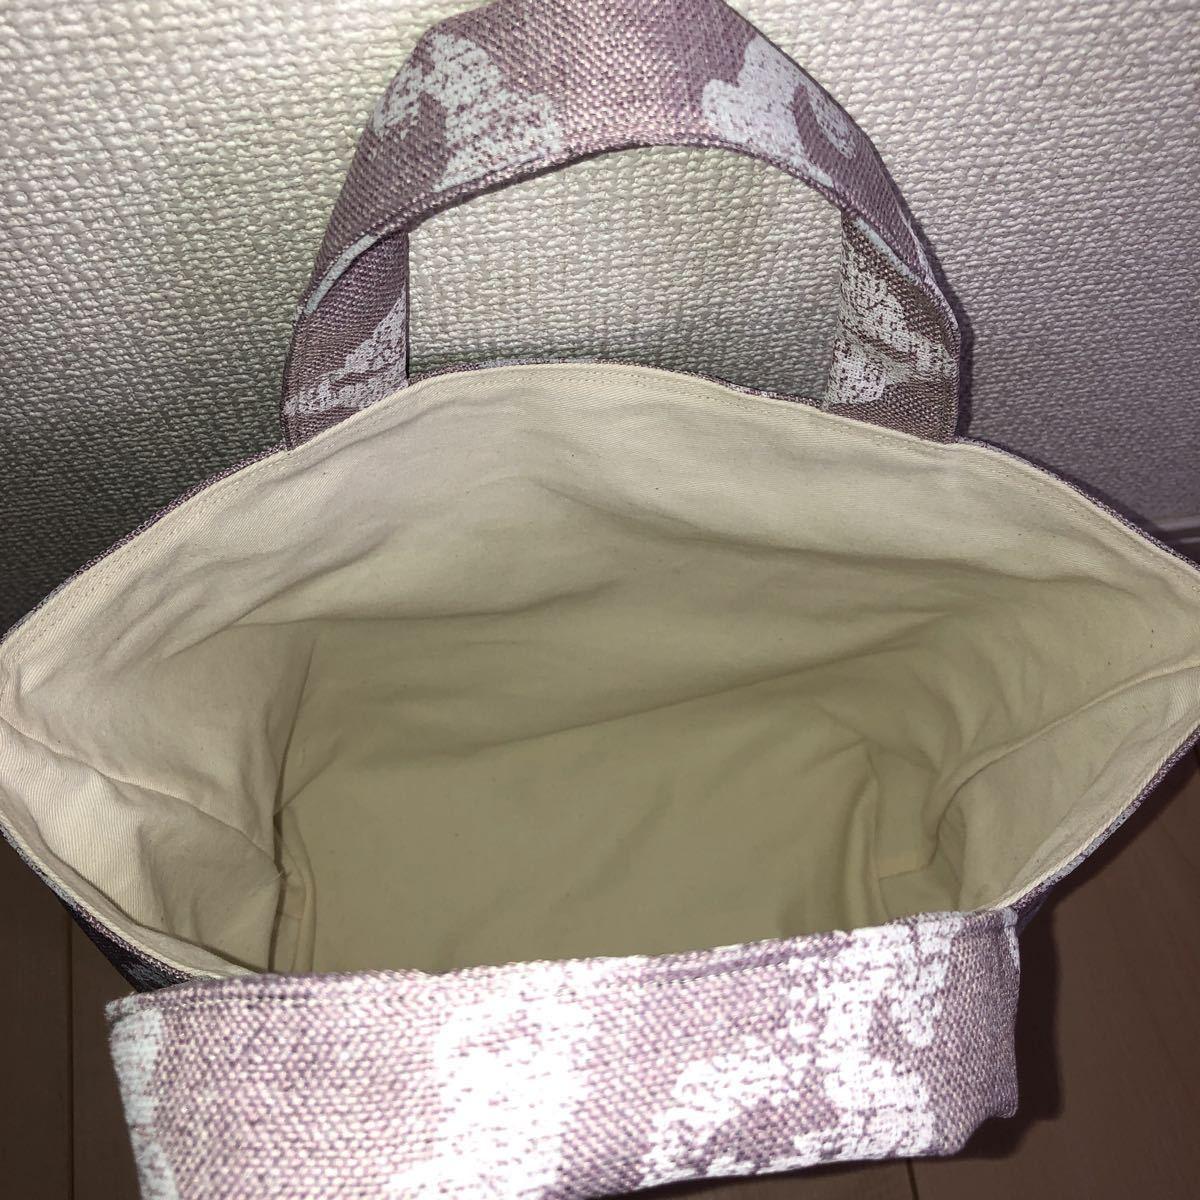 ミニトートバッグ ハンドメイド トートバッグ ランチバッグ お散歩バッグ